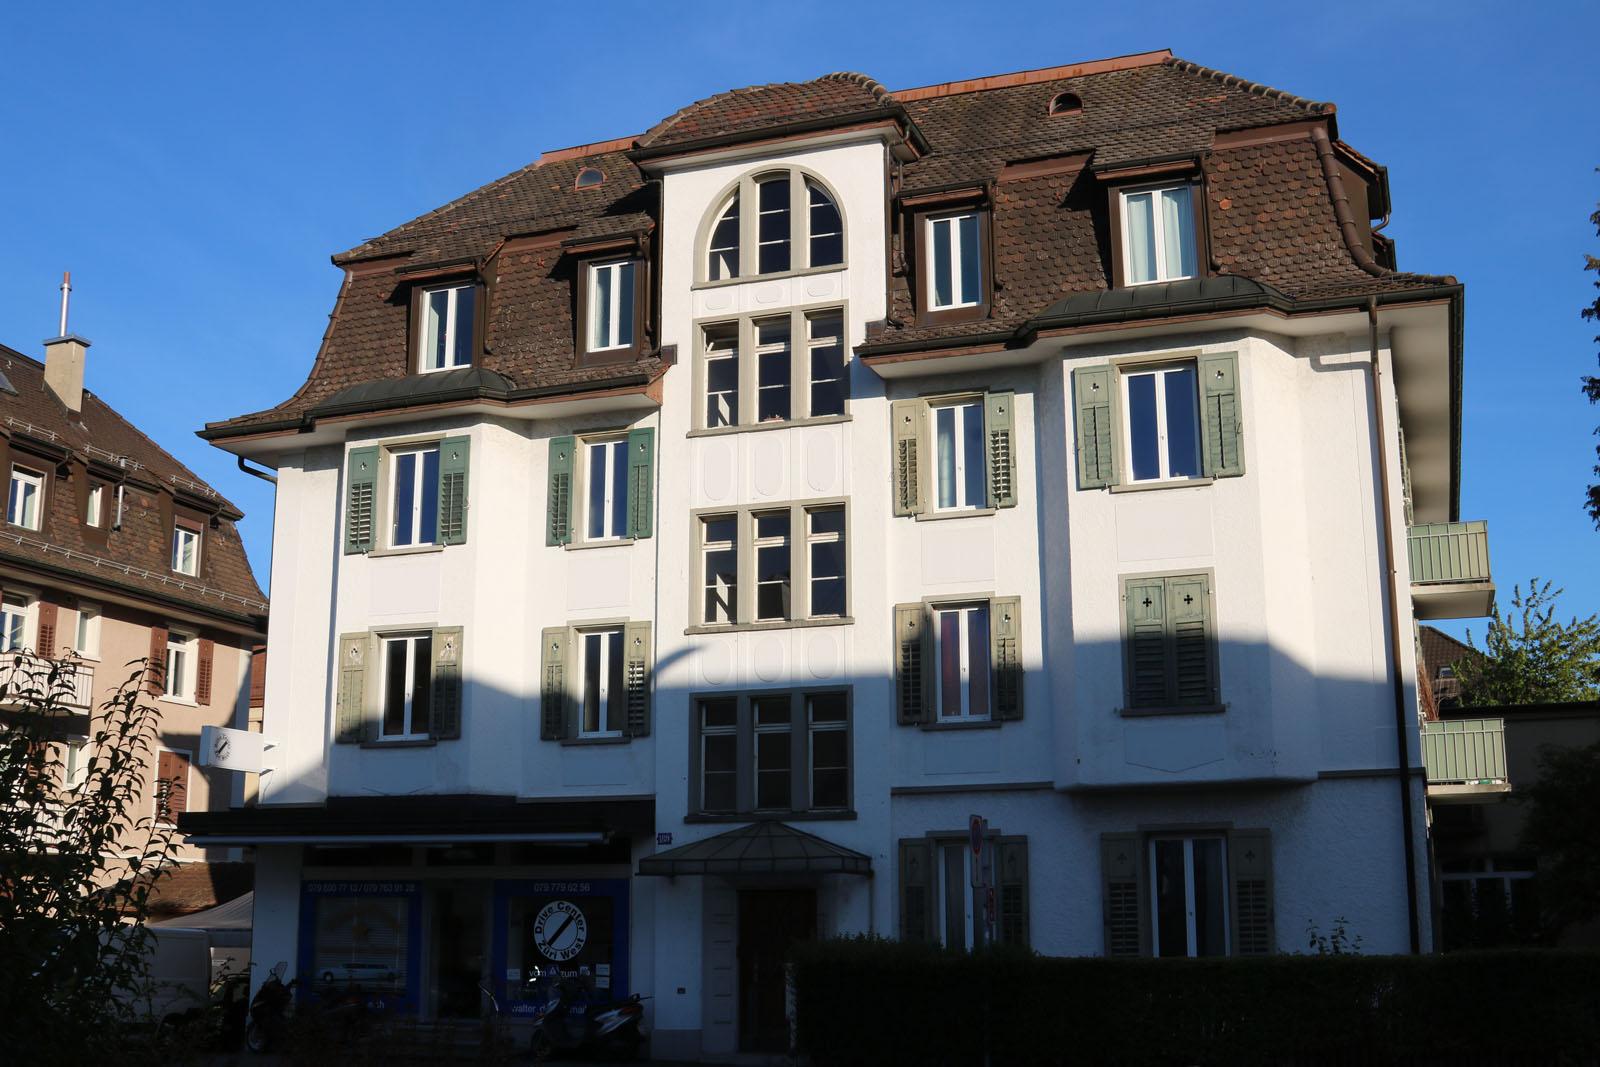 14 Altstetterstrasse - 001